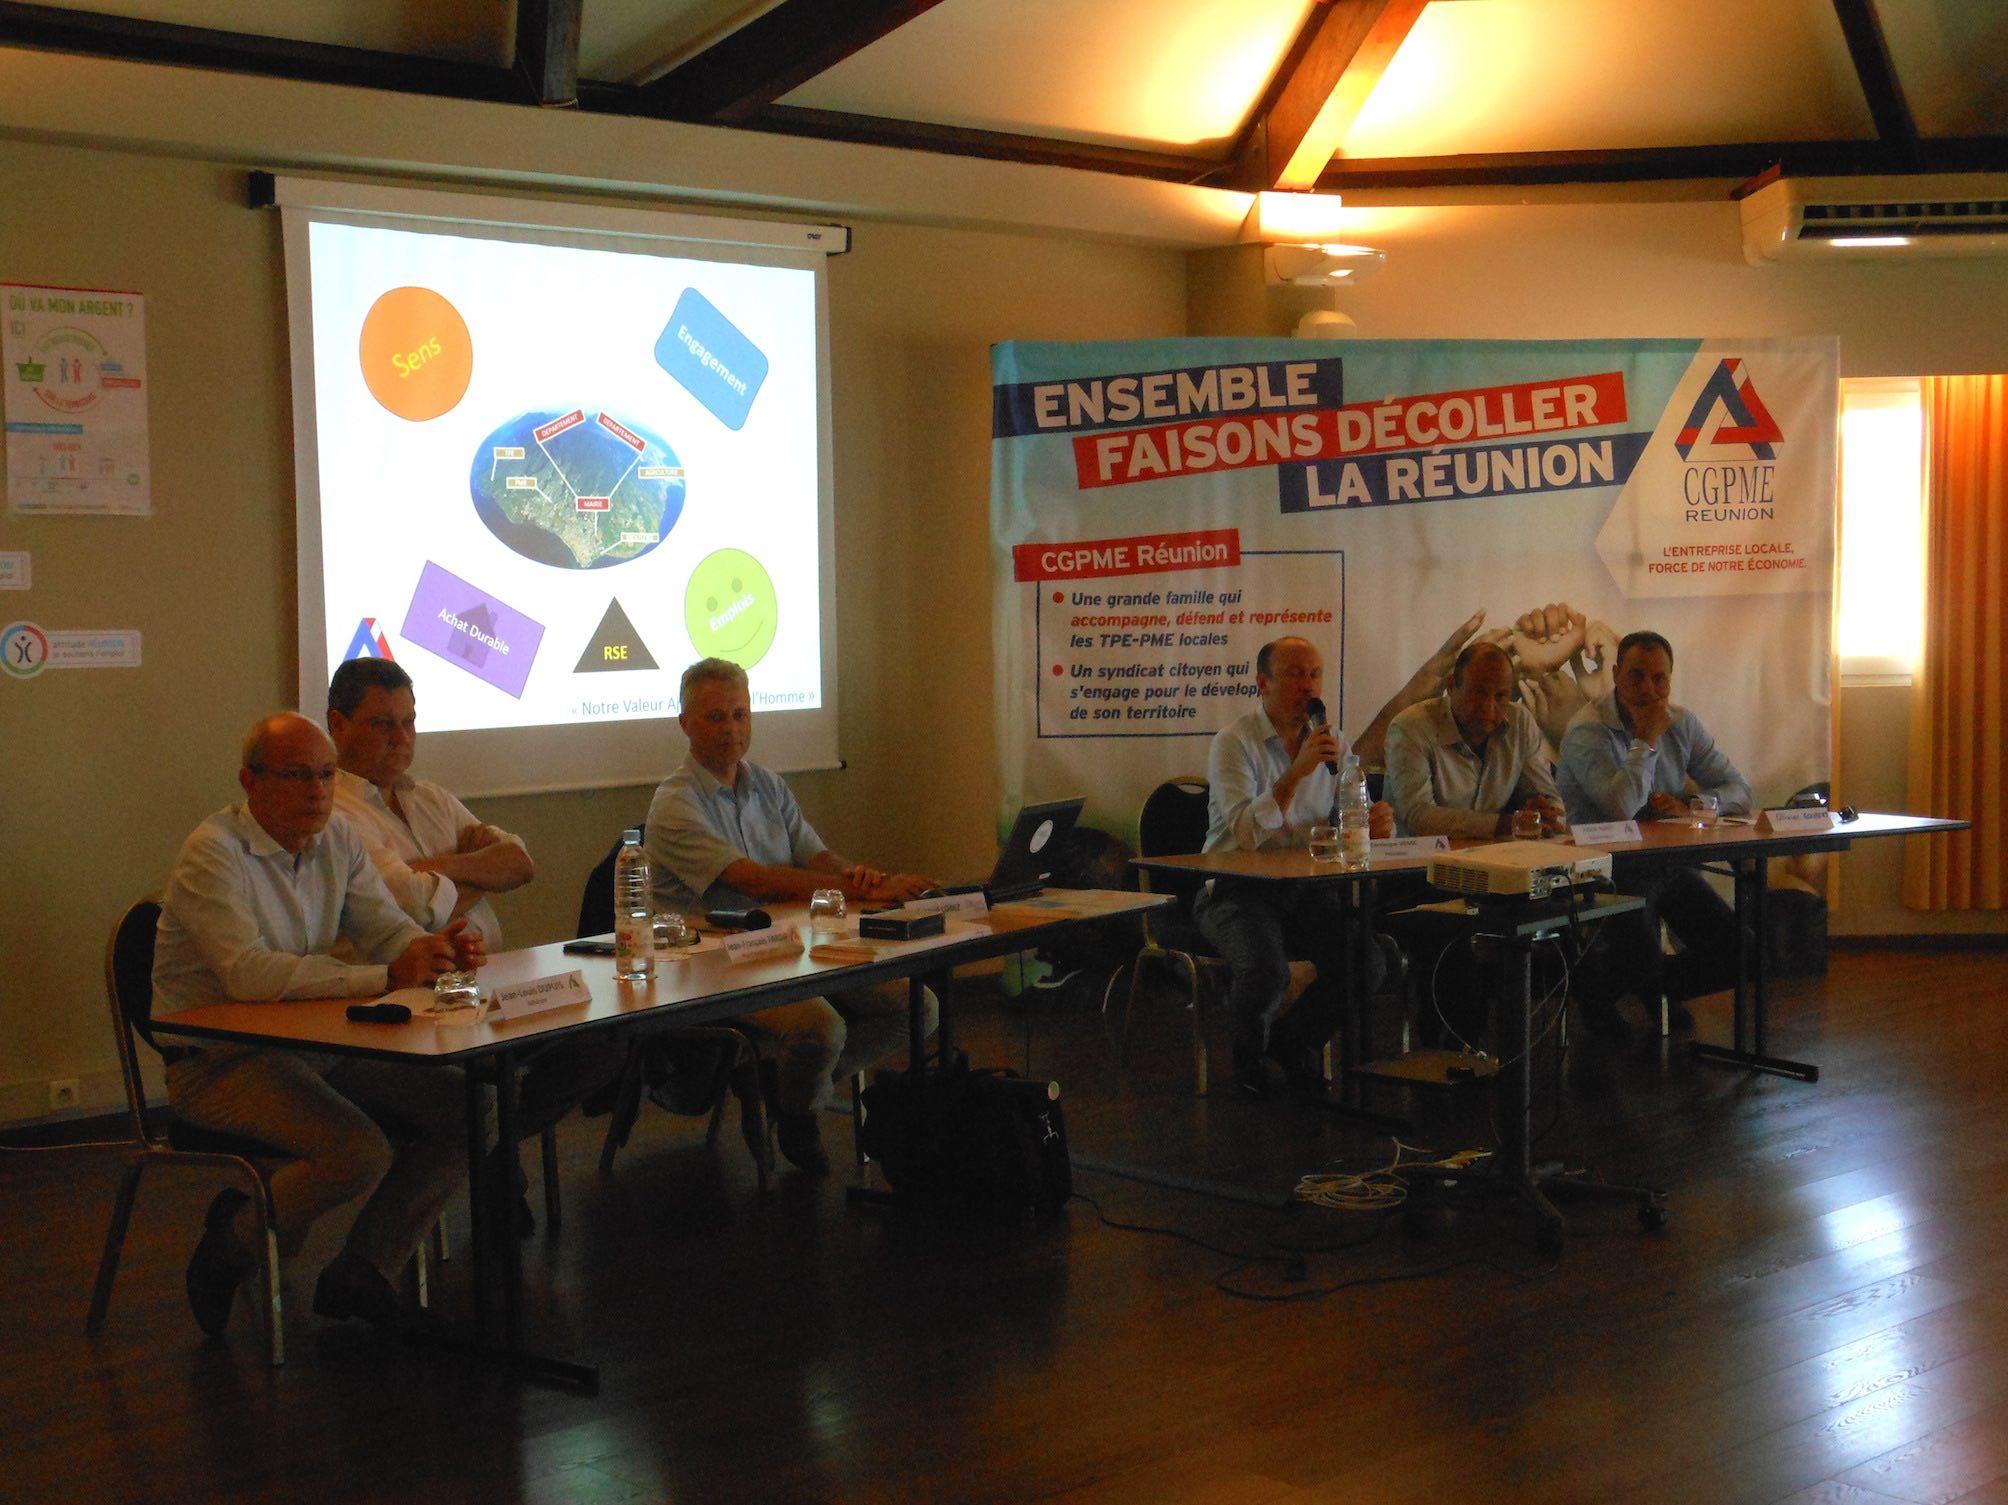 M. Jean-Louis Dupuis; M. Jean-François Tardif; M. Arnaud Lobez; M. Dominique Vienne; M. Pascal Plante; M. Eric Leung